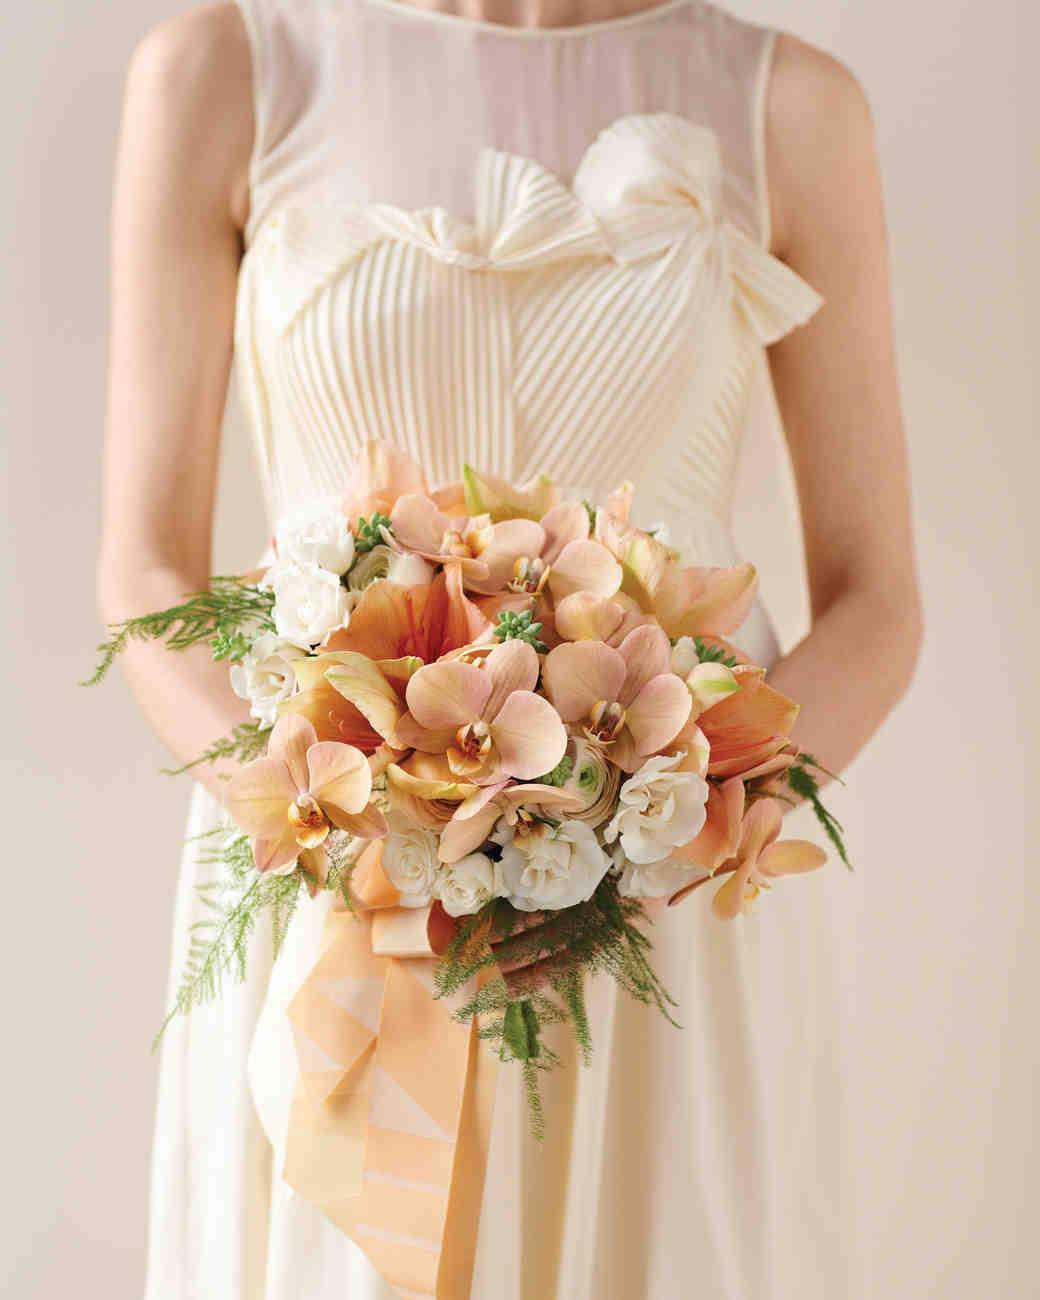 bouquet-104-sum11mwd107050.jpg